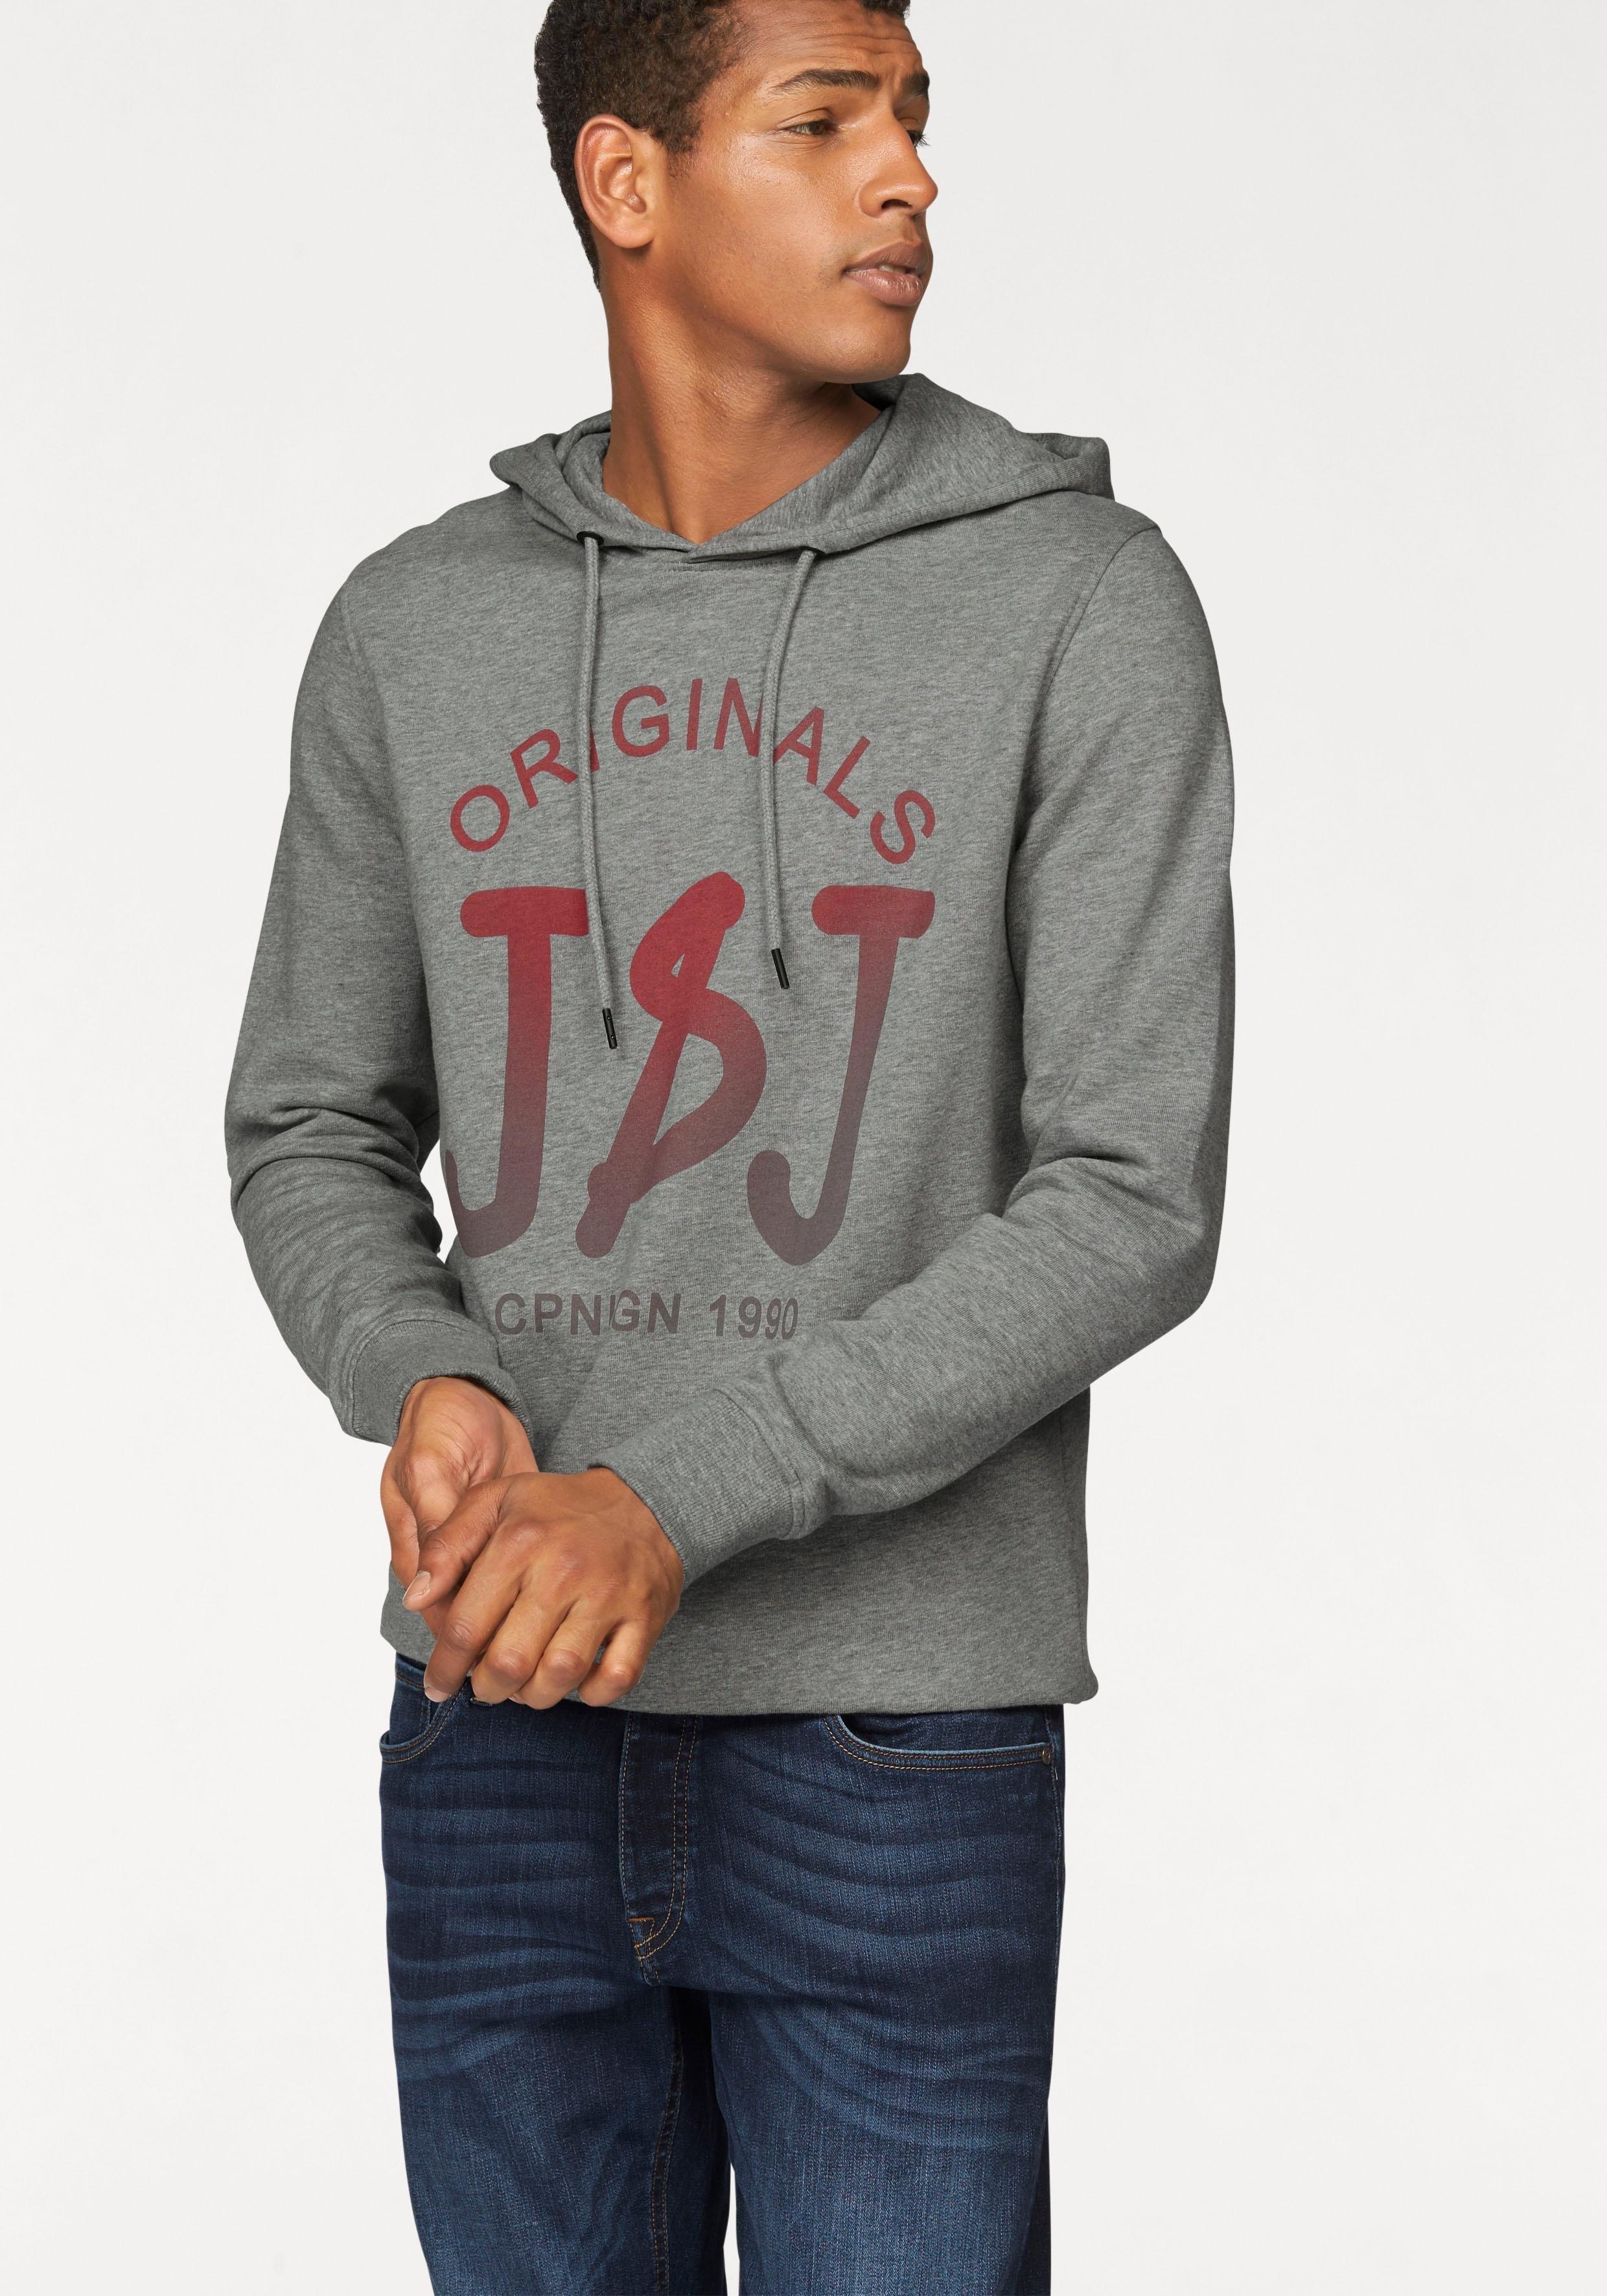 JACK & JONES capuchonsweatshirt voordelig en veilig online kopen